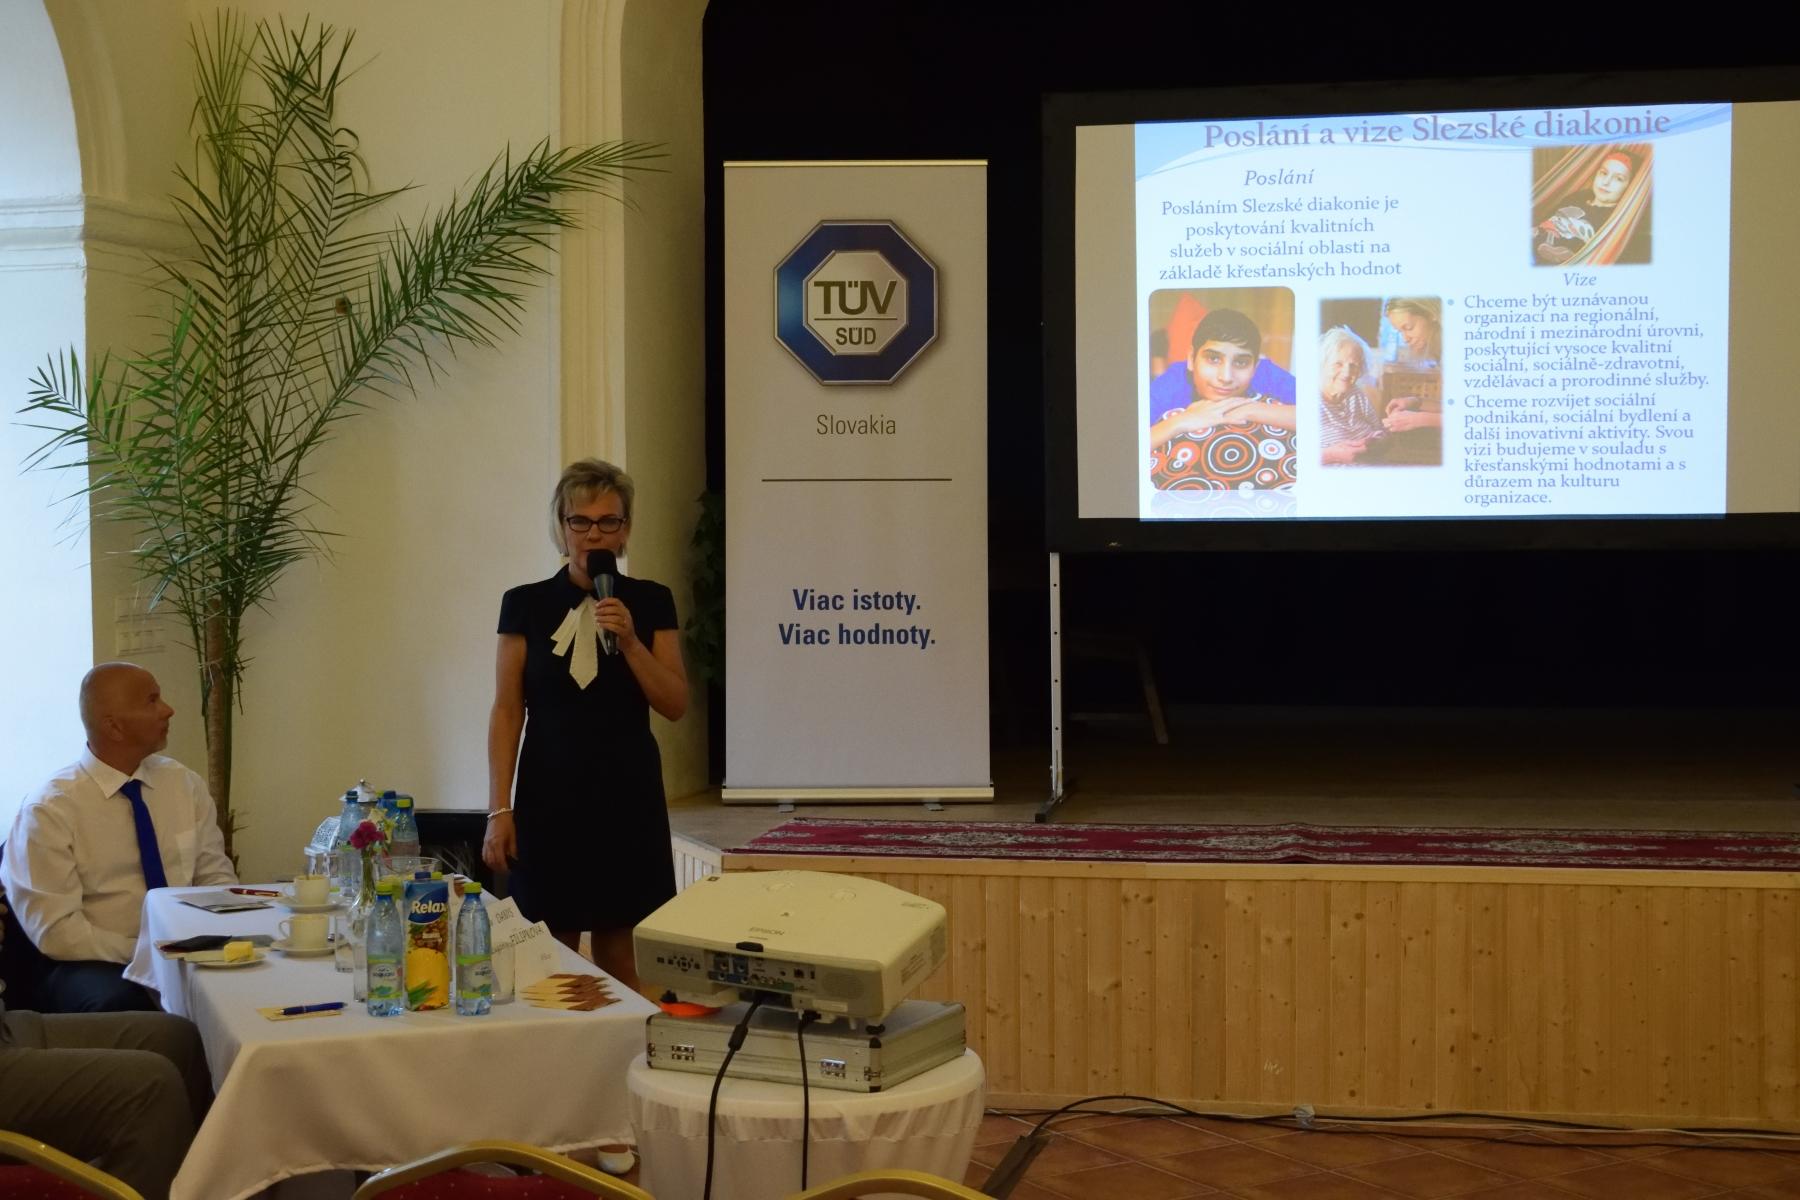 Foto: Mgr. Zuzana Filipková, PhD. (Slezská diakonie)